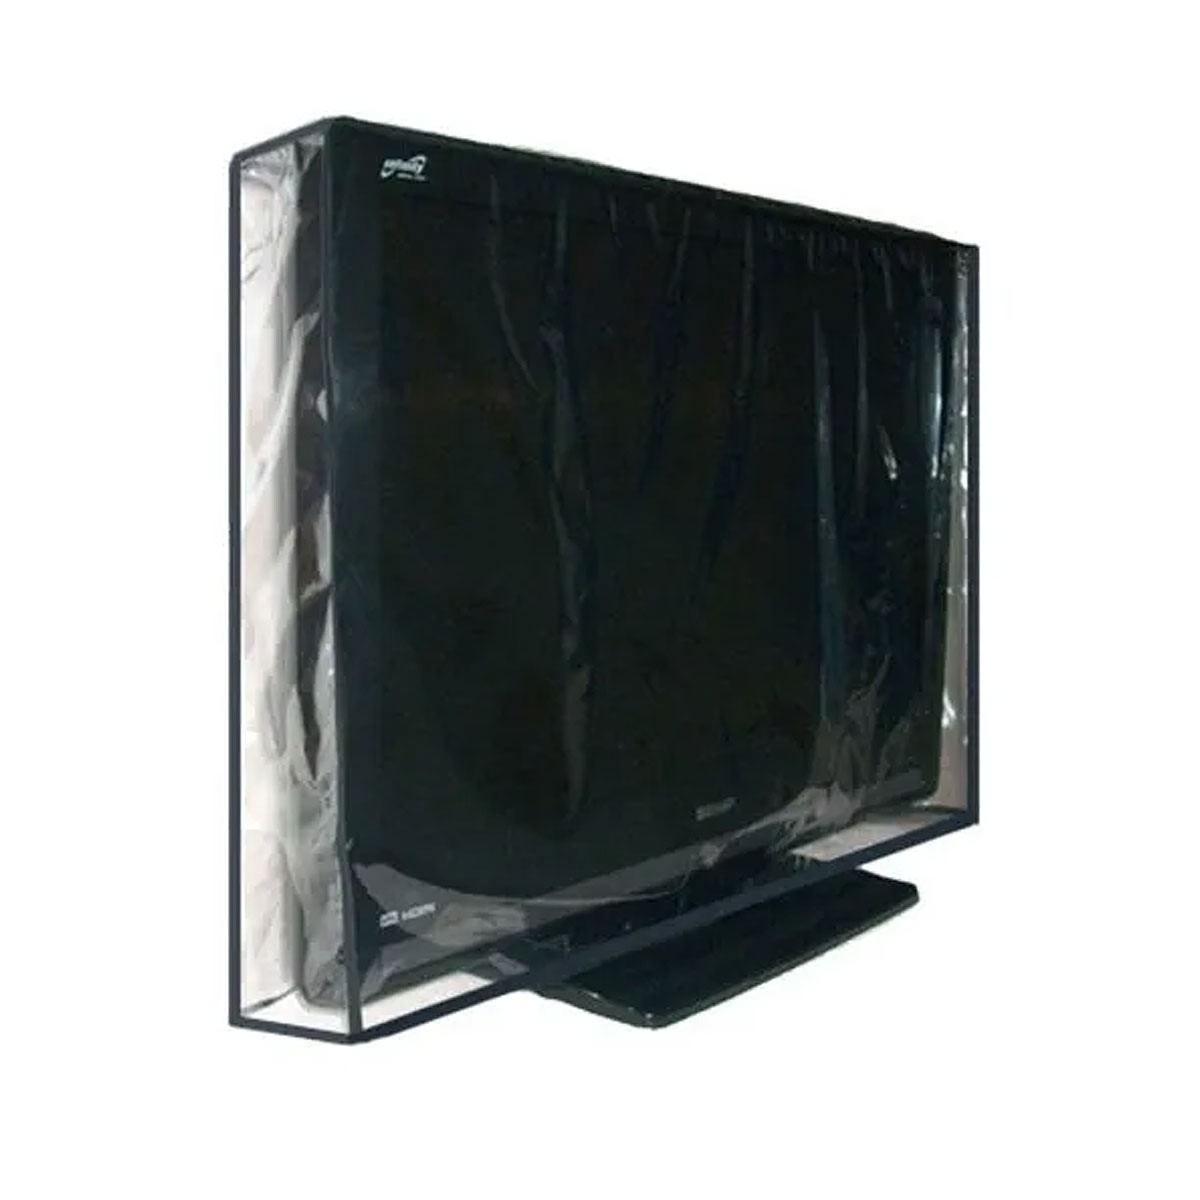 Capa Em Pvc Cristal Para Tv Lcd 40 - Fechada Atrás